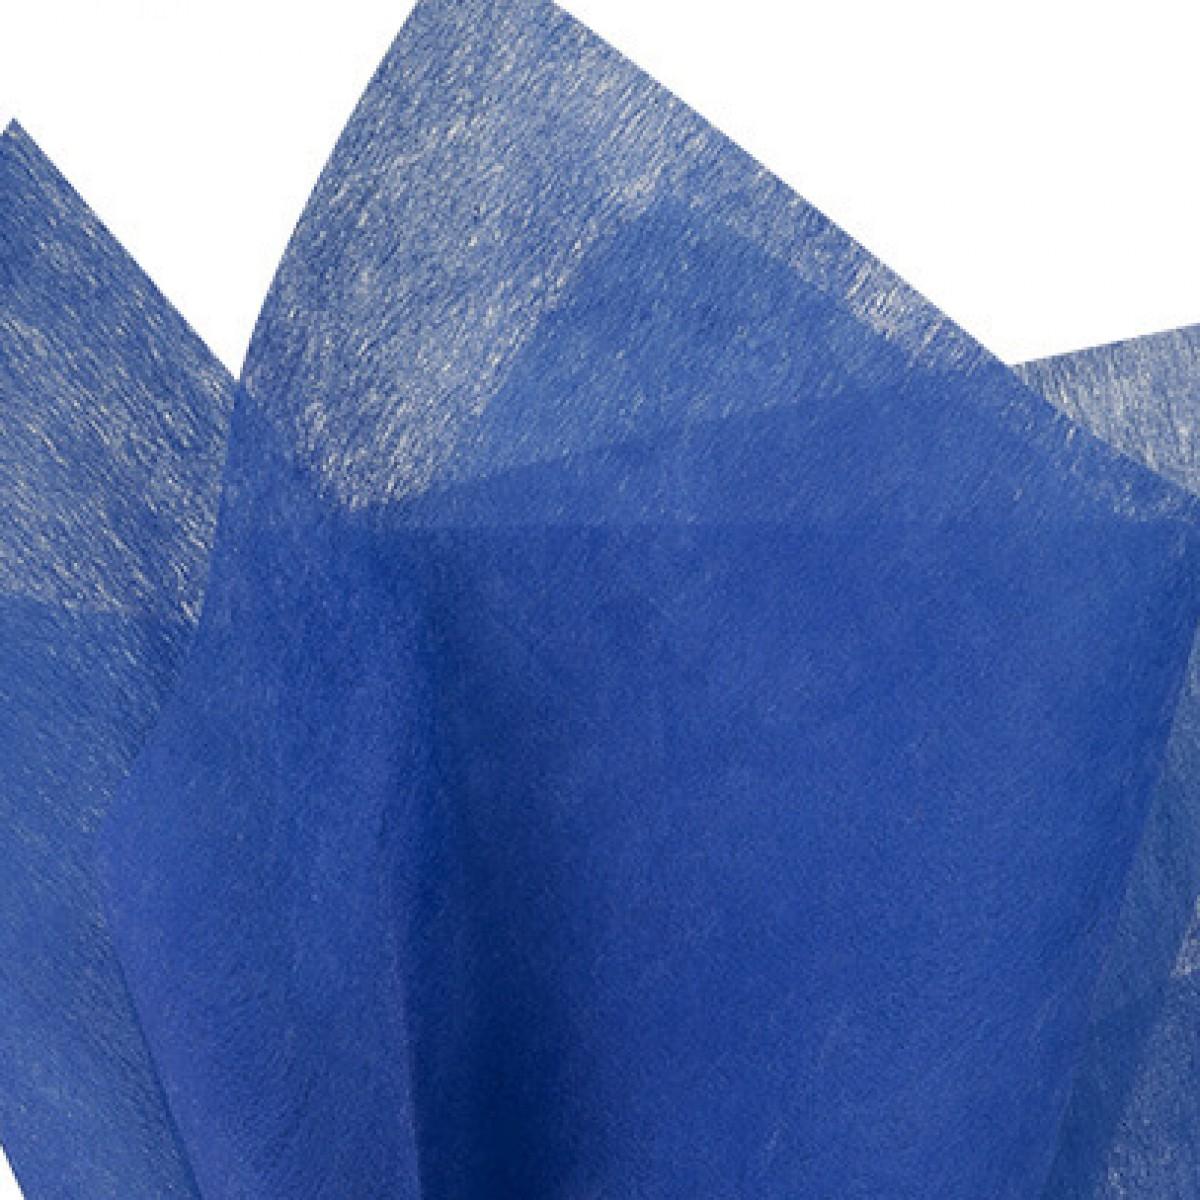 7519 Violet 75cmx60cm Tissue Floral Wraps - 100 Sheets